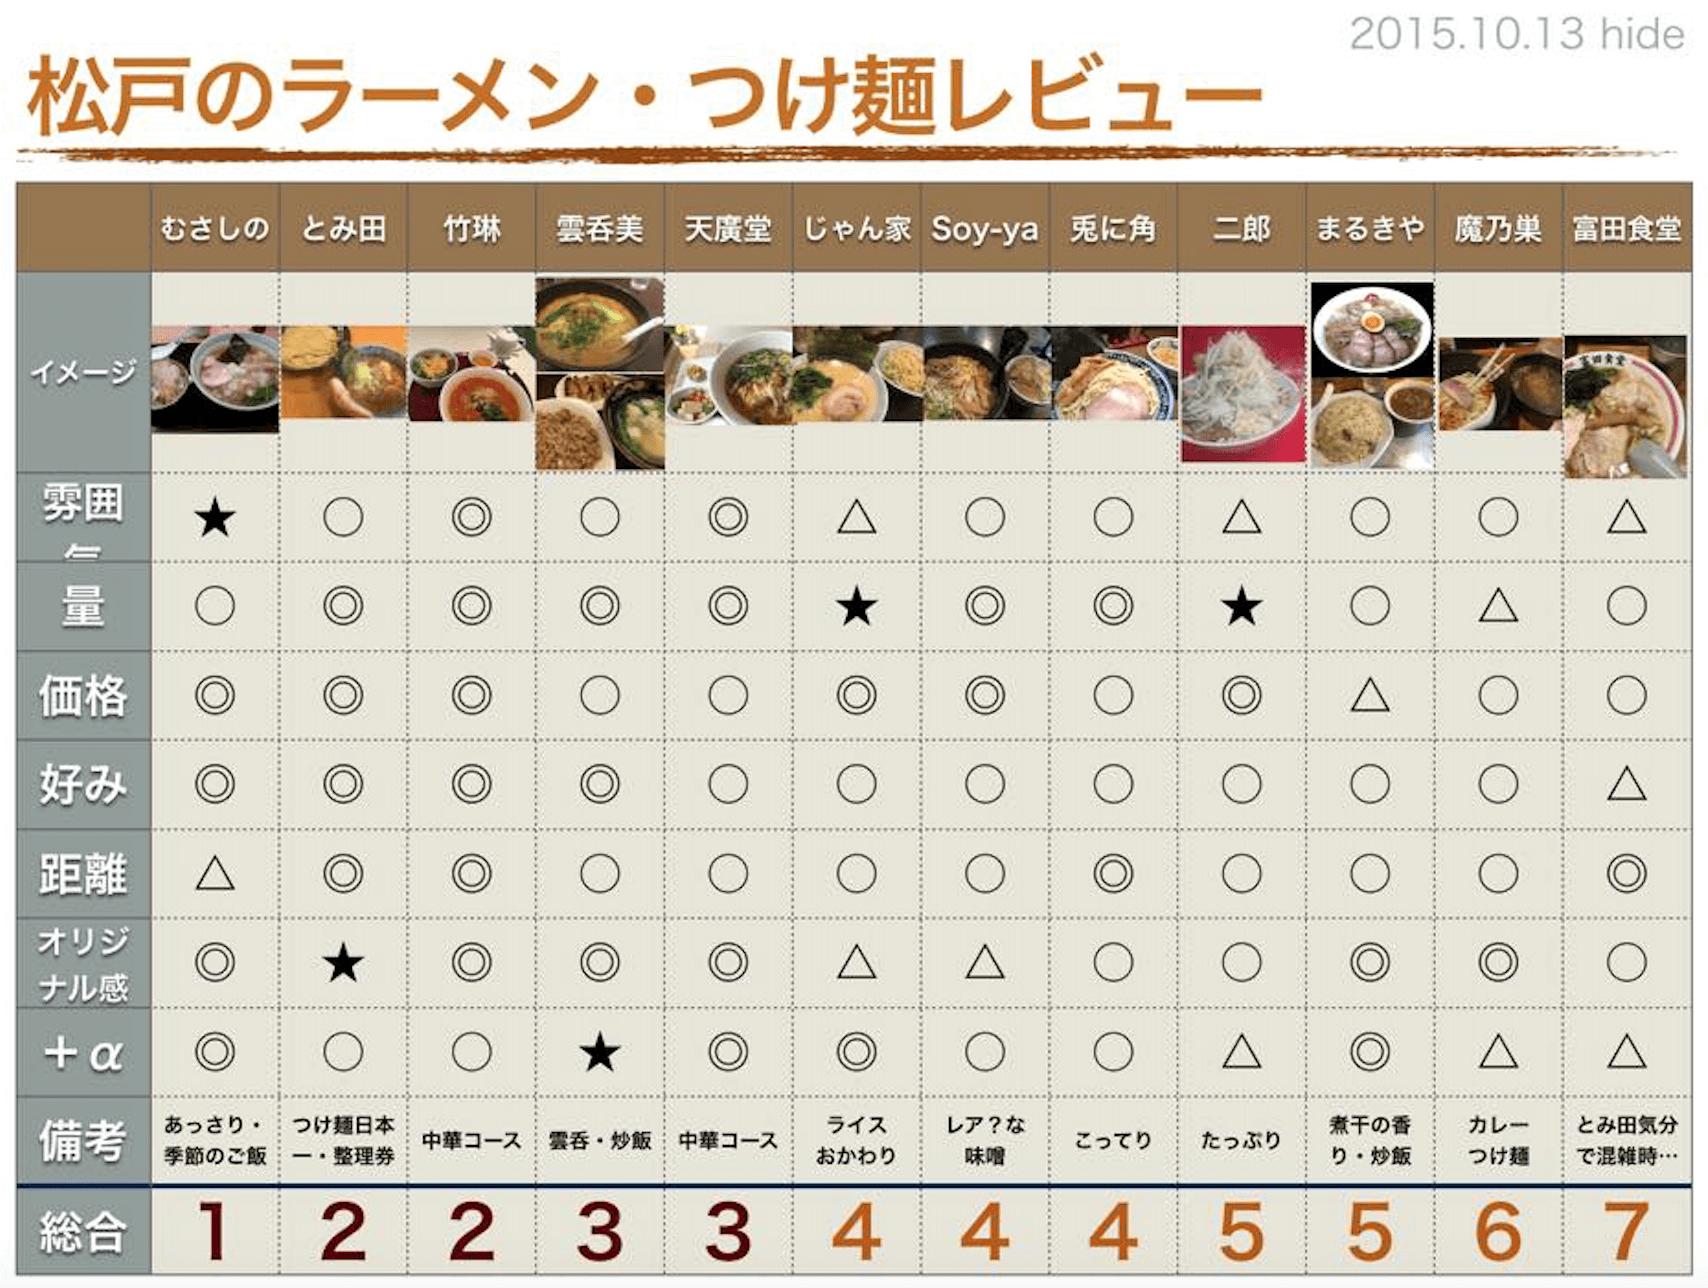 MAD City住民のヒデさん作成の松戸のラーメン・つけ麺レビュー。これはいわば、松戸駅前勝手にラーメンランキング2015と言えます。味でも価格でもなく、雰囲気が優先する評価ポイントだそうです。